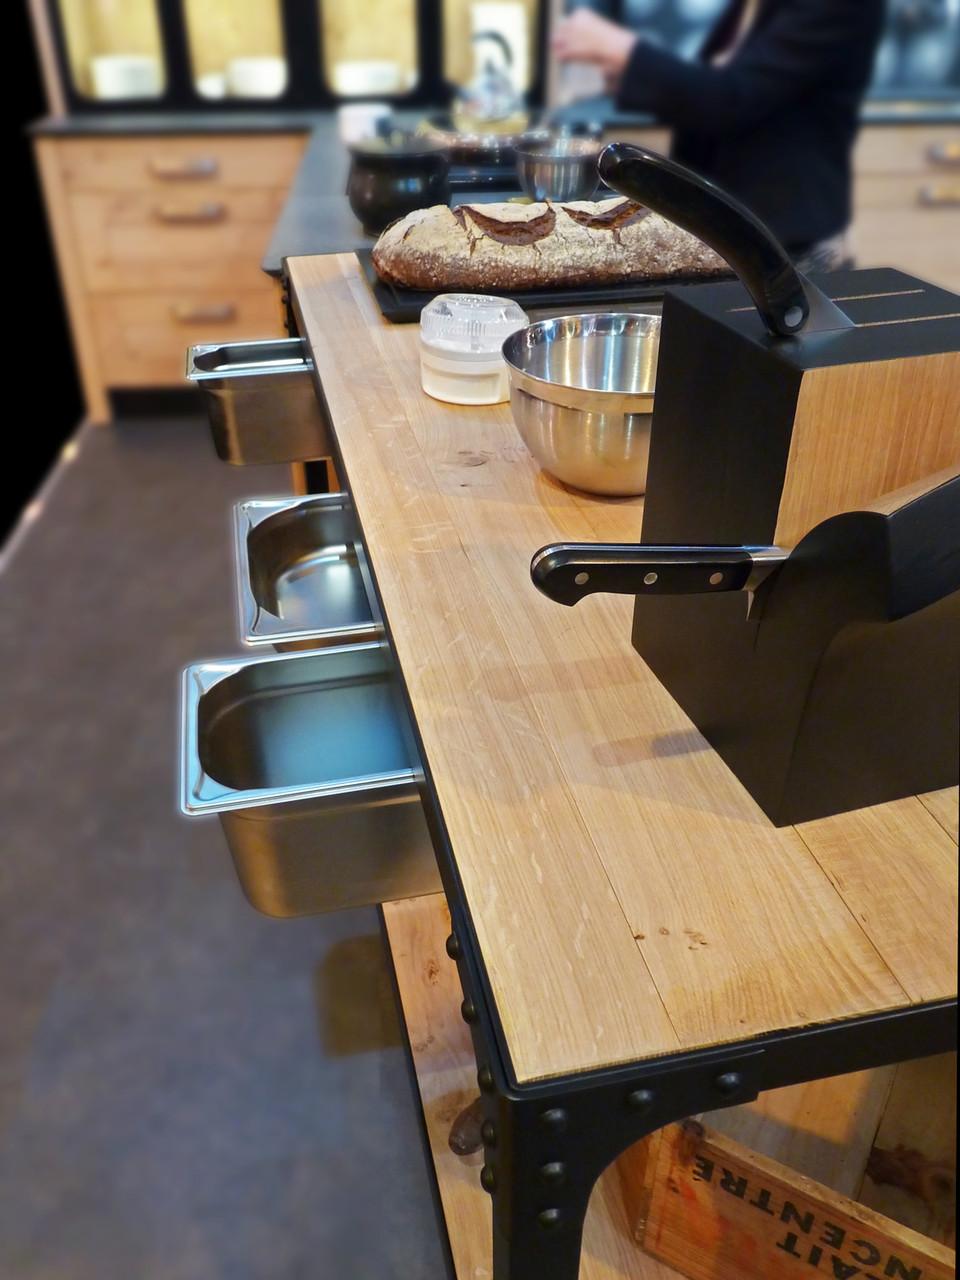 Atelier culinaire , cuisine chêne massif clair, desserte, plan de travail mobile structure acier laqué noir, rivets, bacs gastronormes,